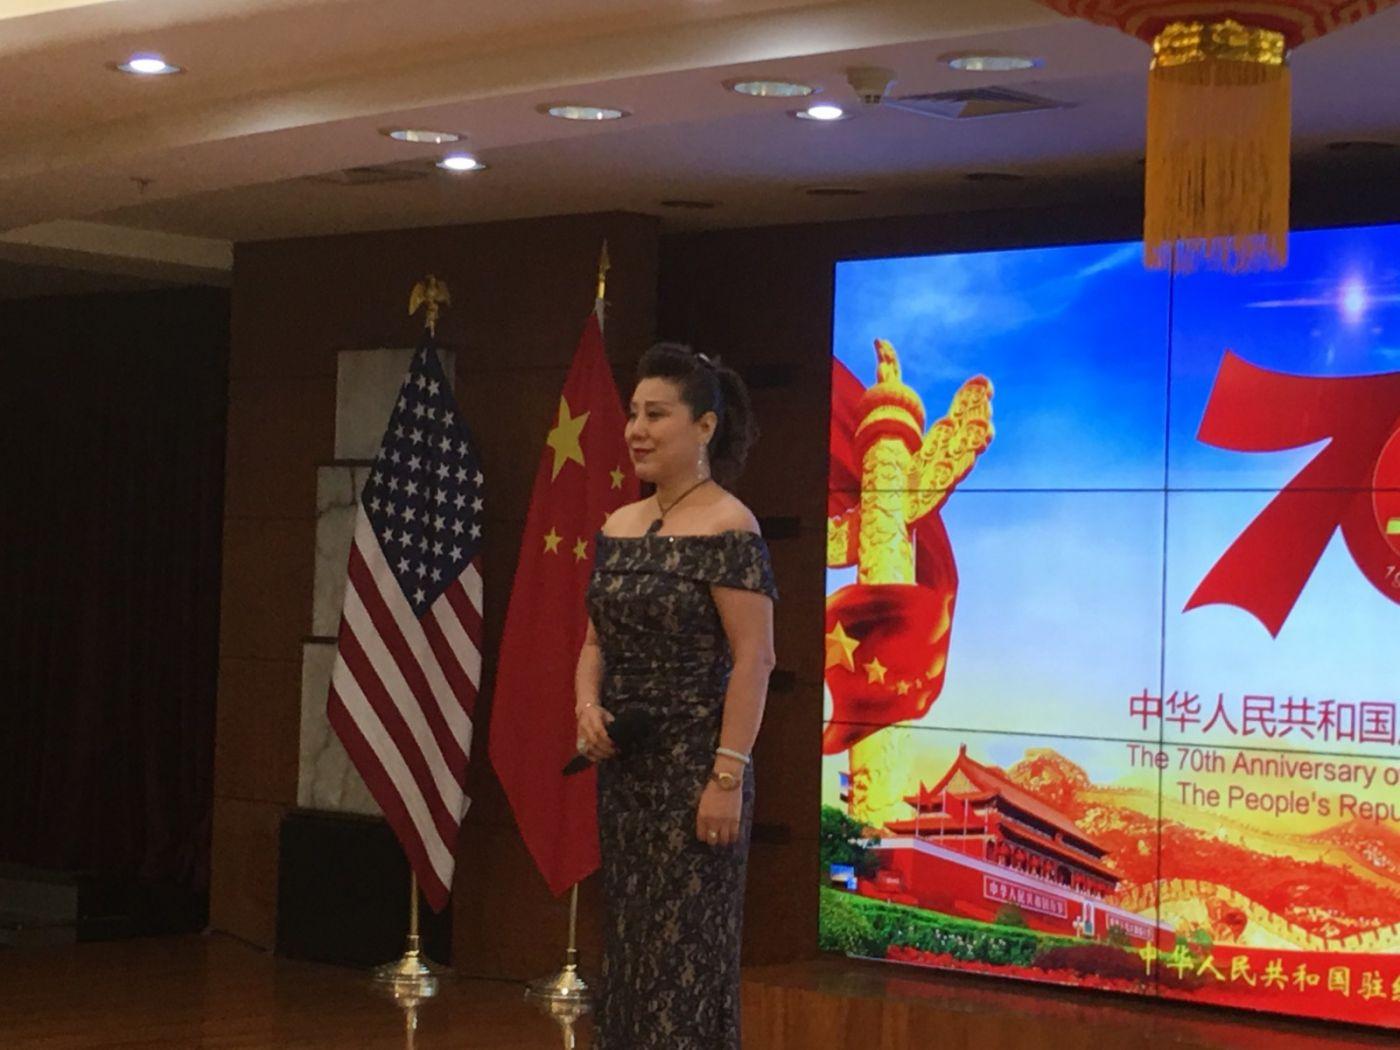 中国驻纽约总领事馆舉辦庆祝建国70周年招待會_图1-7